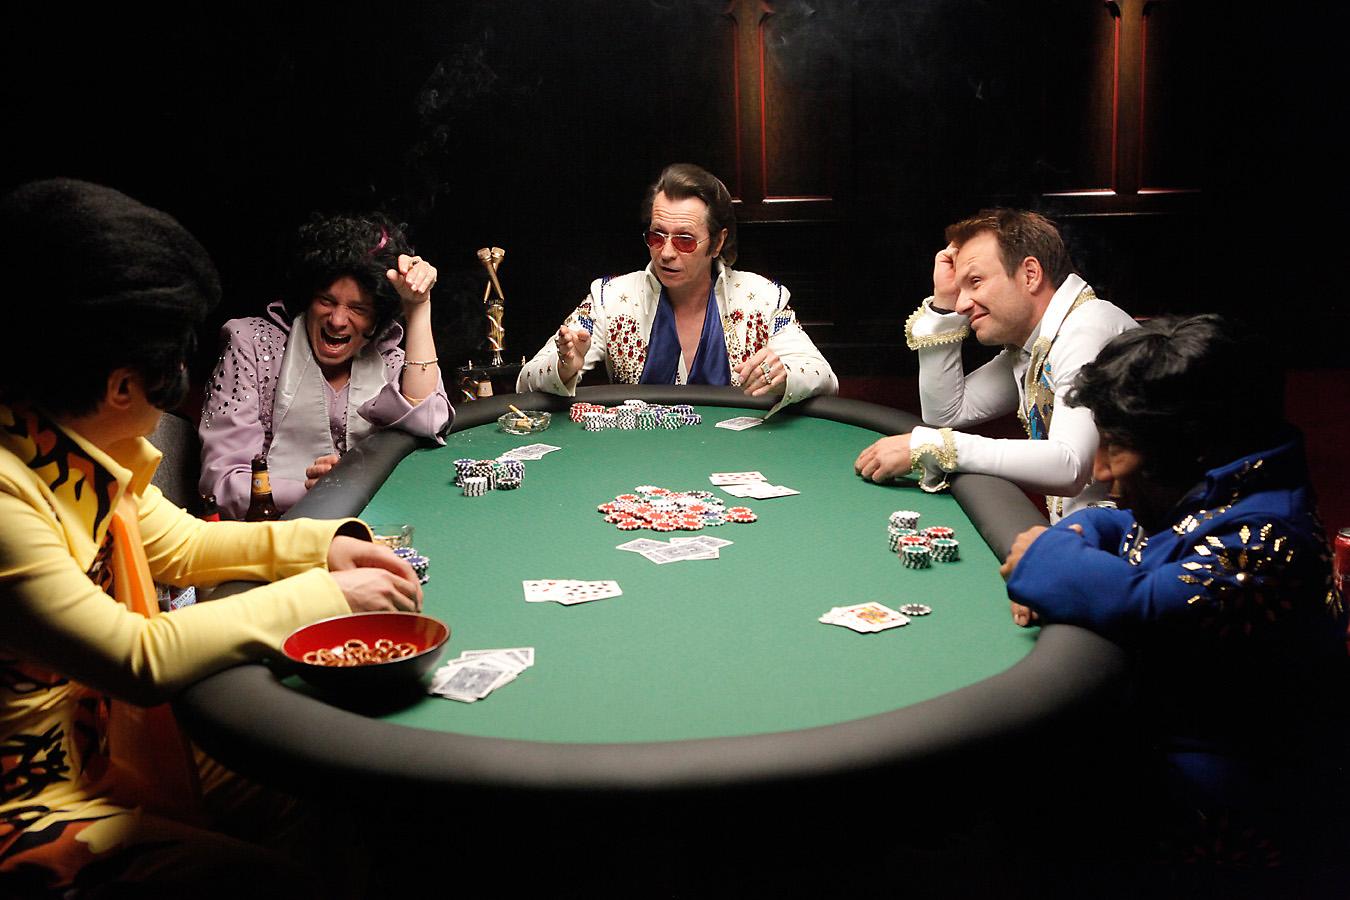 Казино покер турнир рулетка стальная травленая гост7502-98